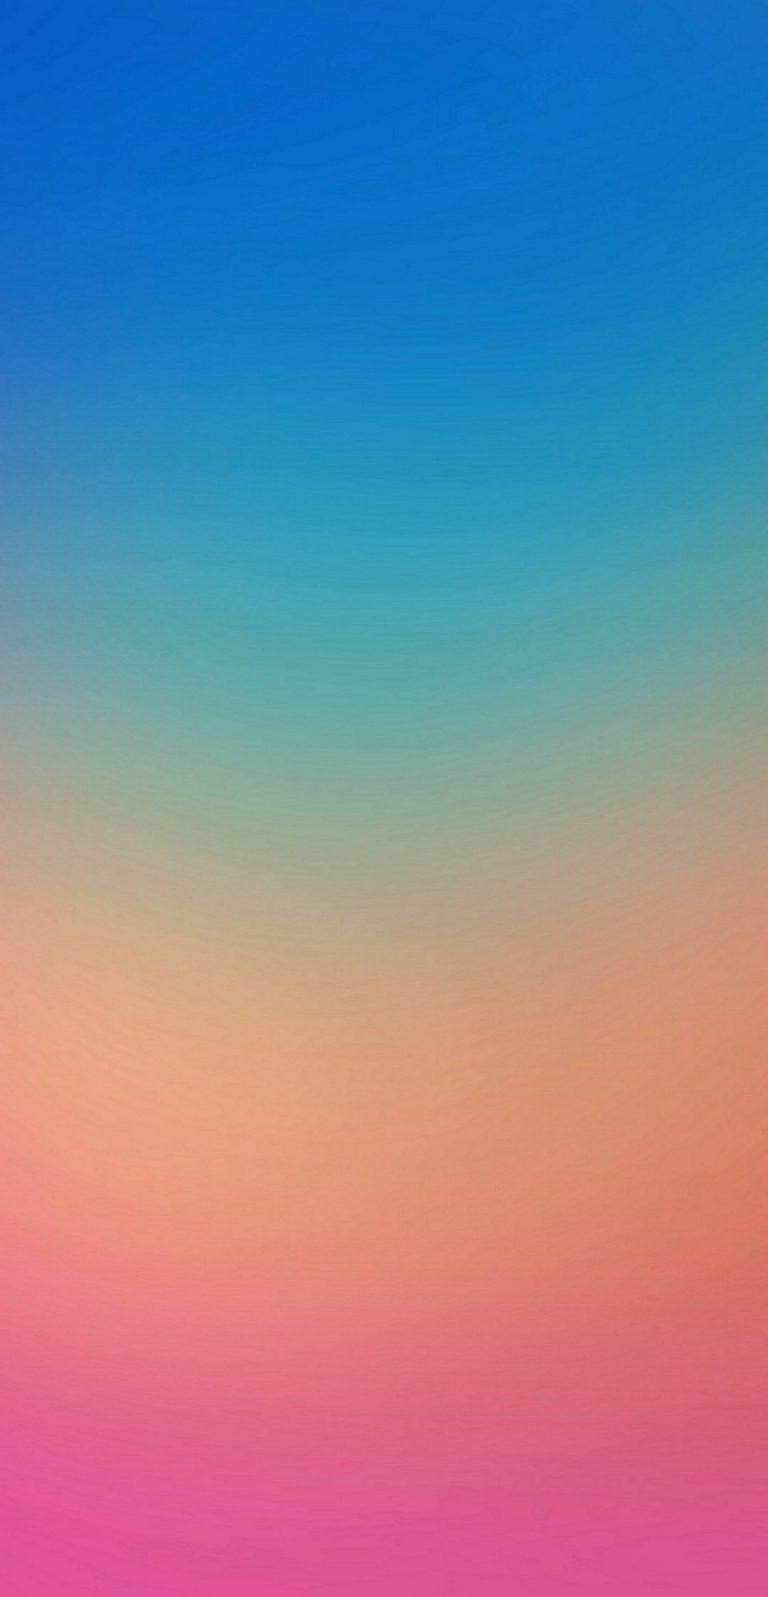 1080x2246 Wallpaper 082 768x1597